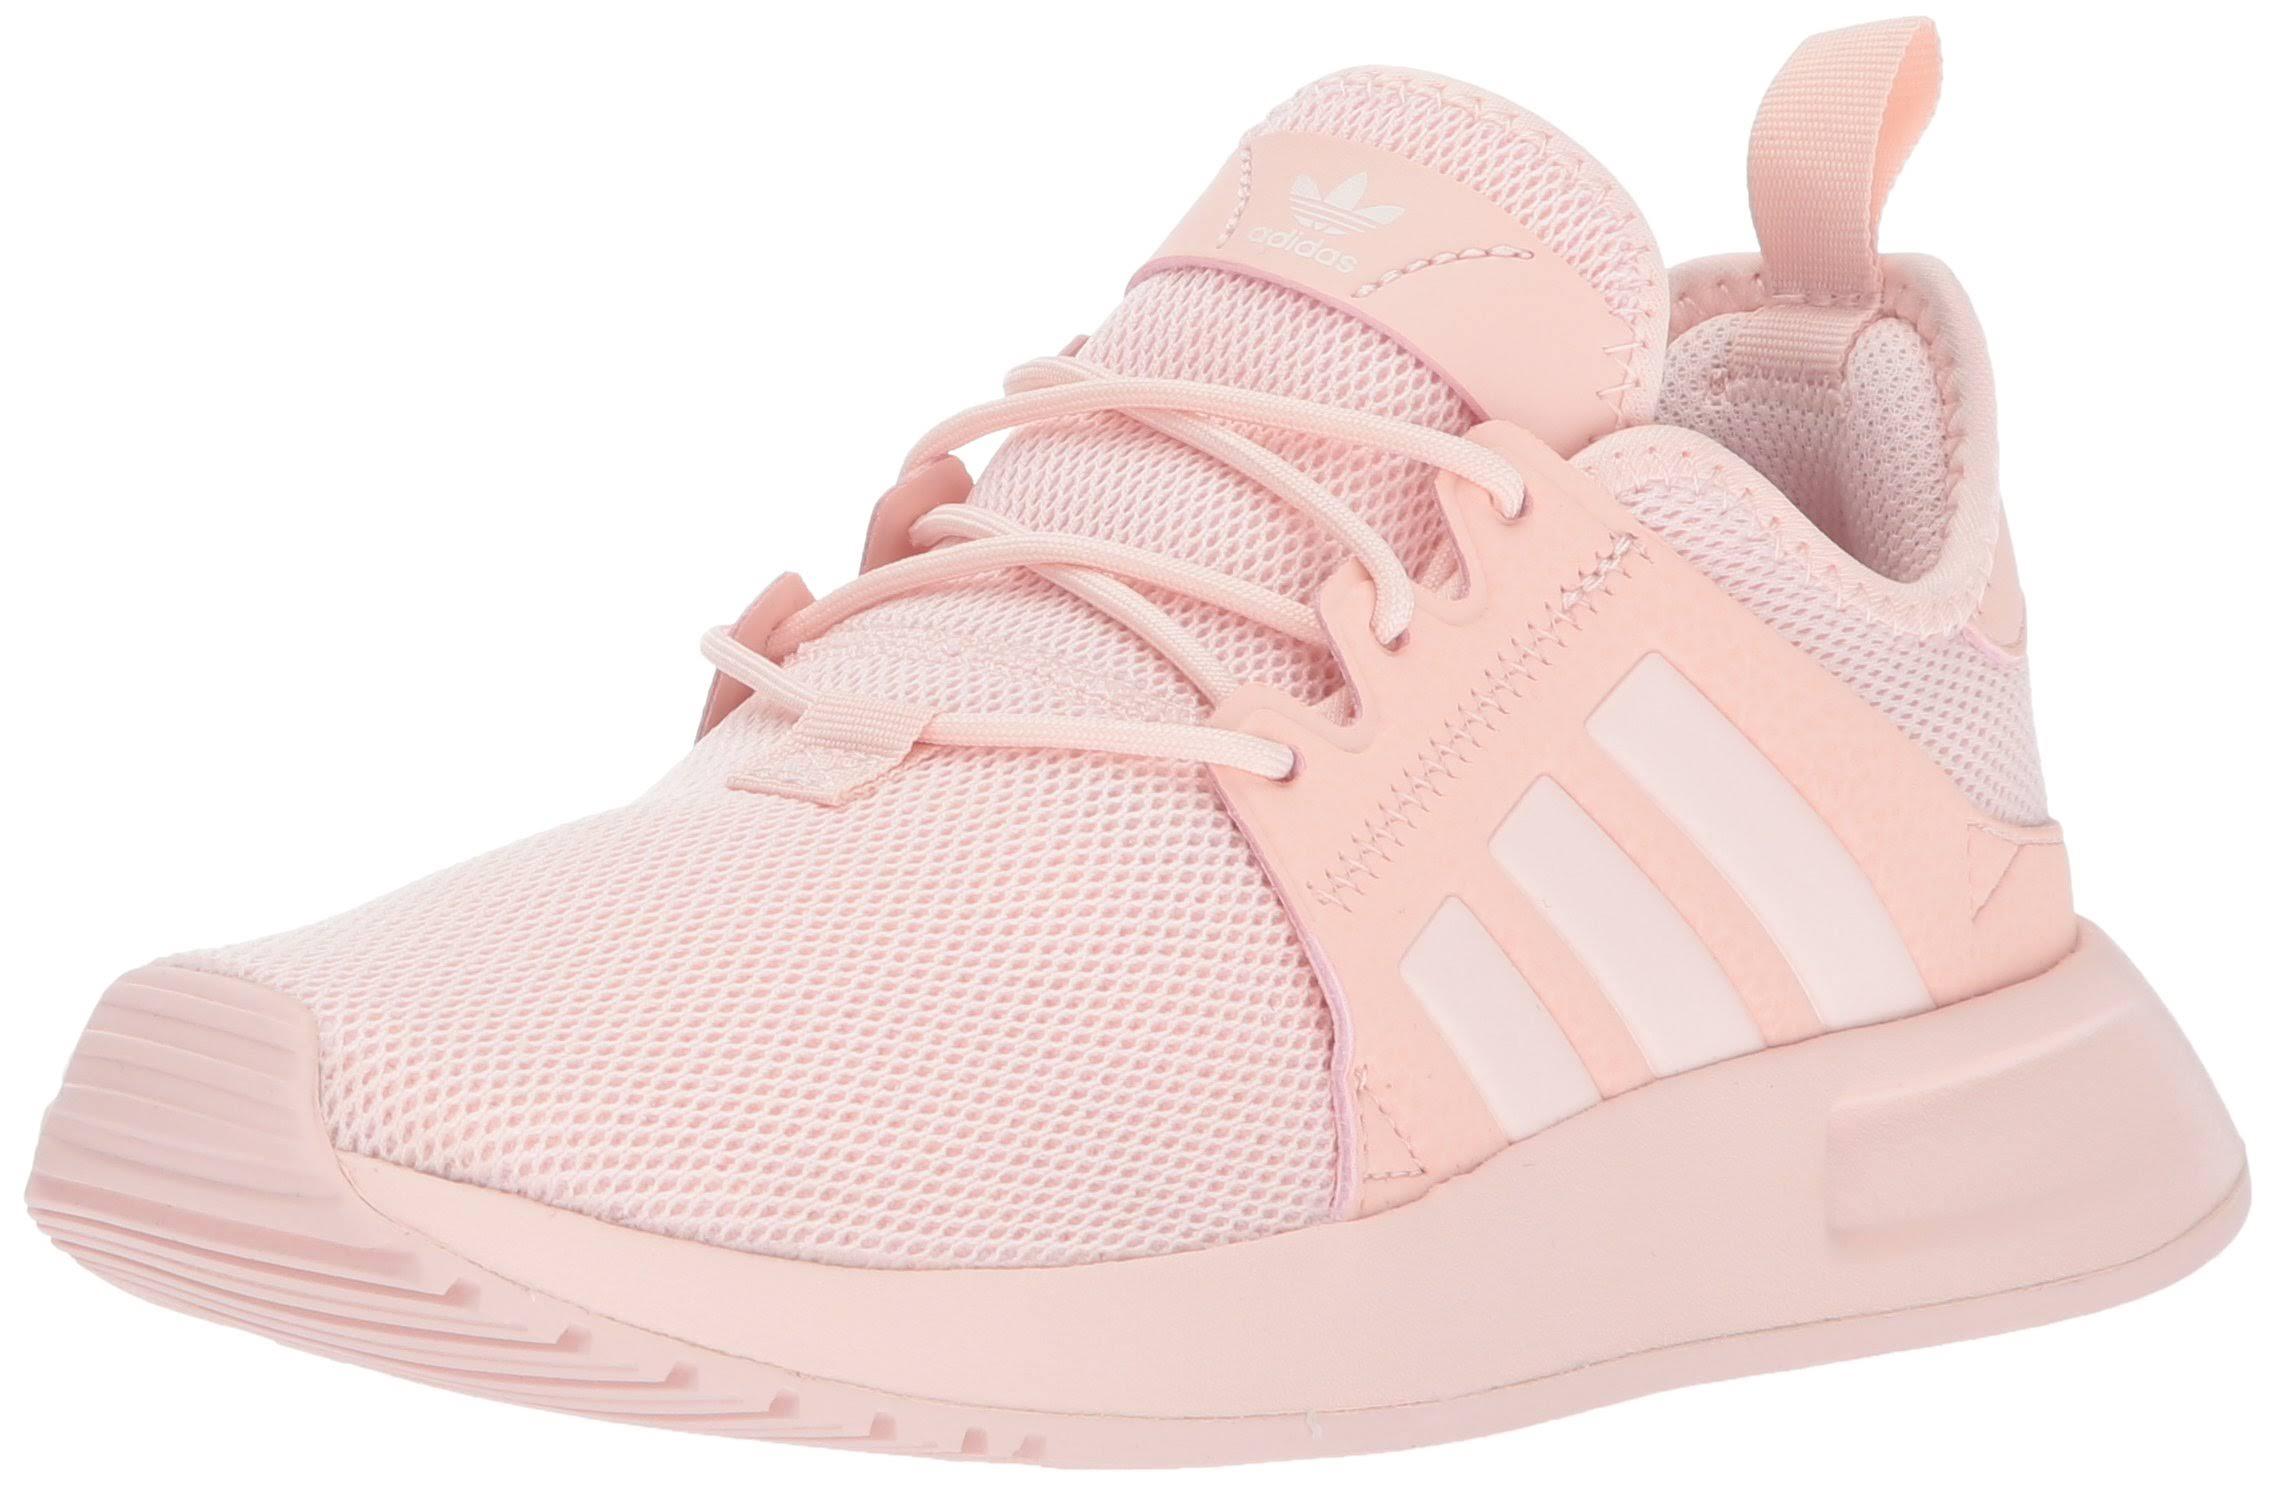 schulschuhe Adidas 5 plr 5 Größe Originals X By9880 Jungengrad p1Iz1wr